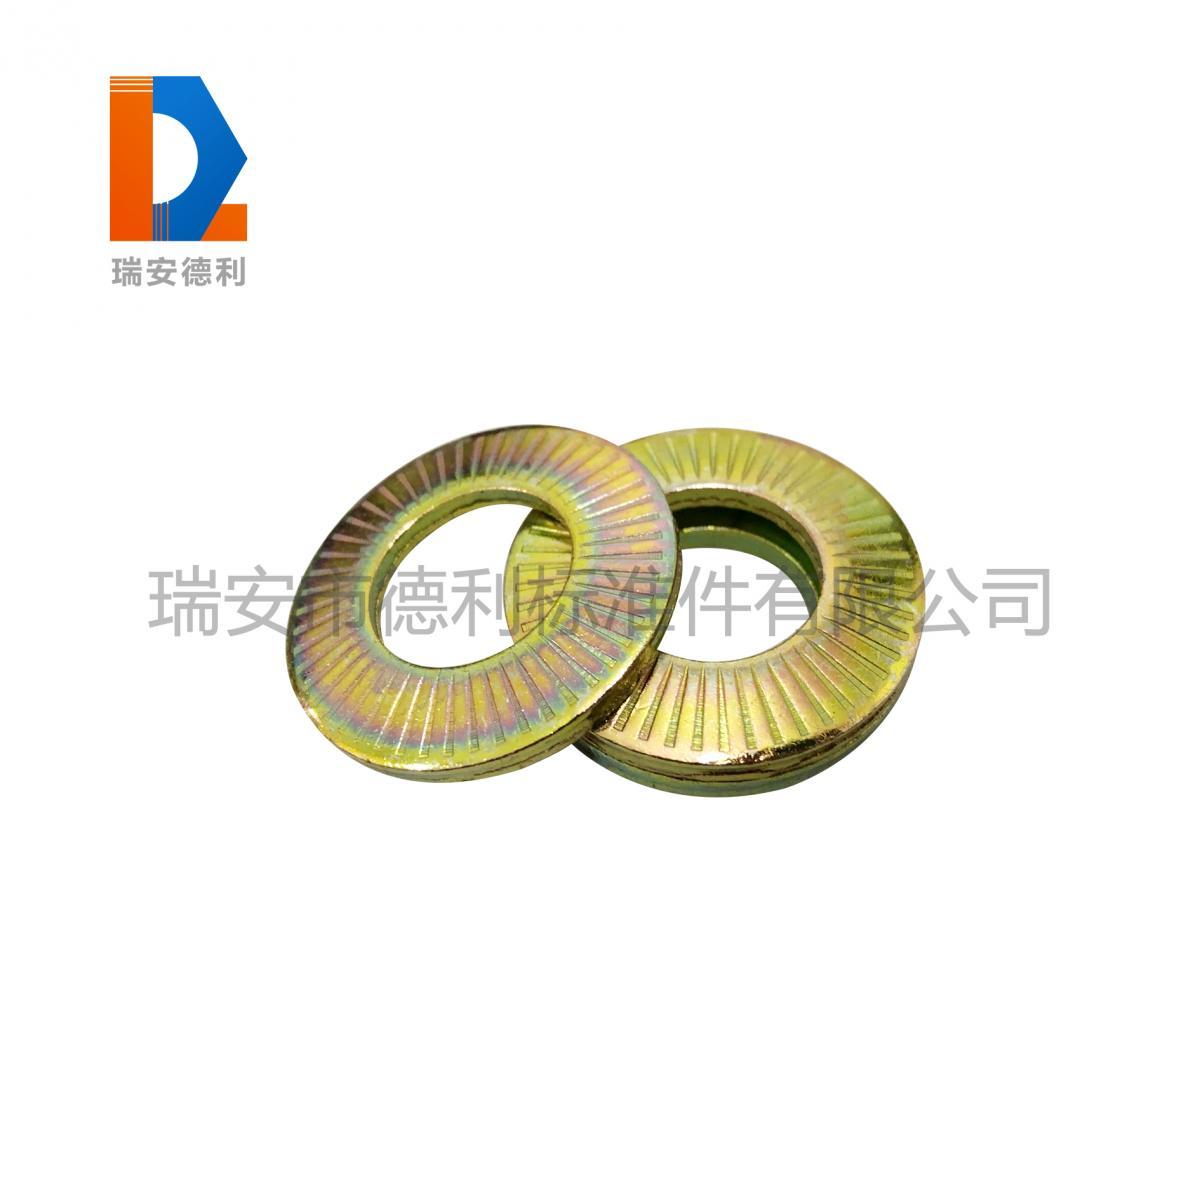 锯齿锥面弹簧垫圈DIN 25201